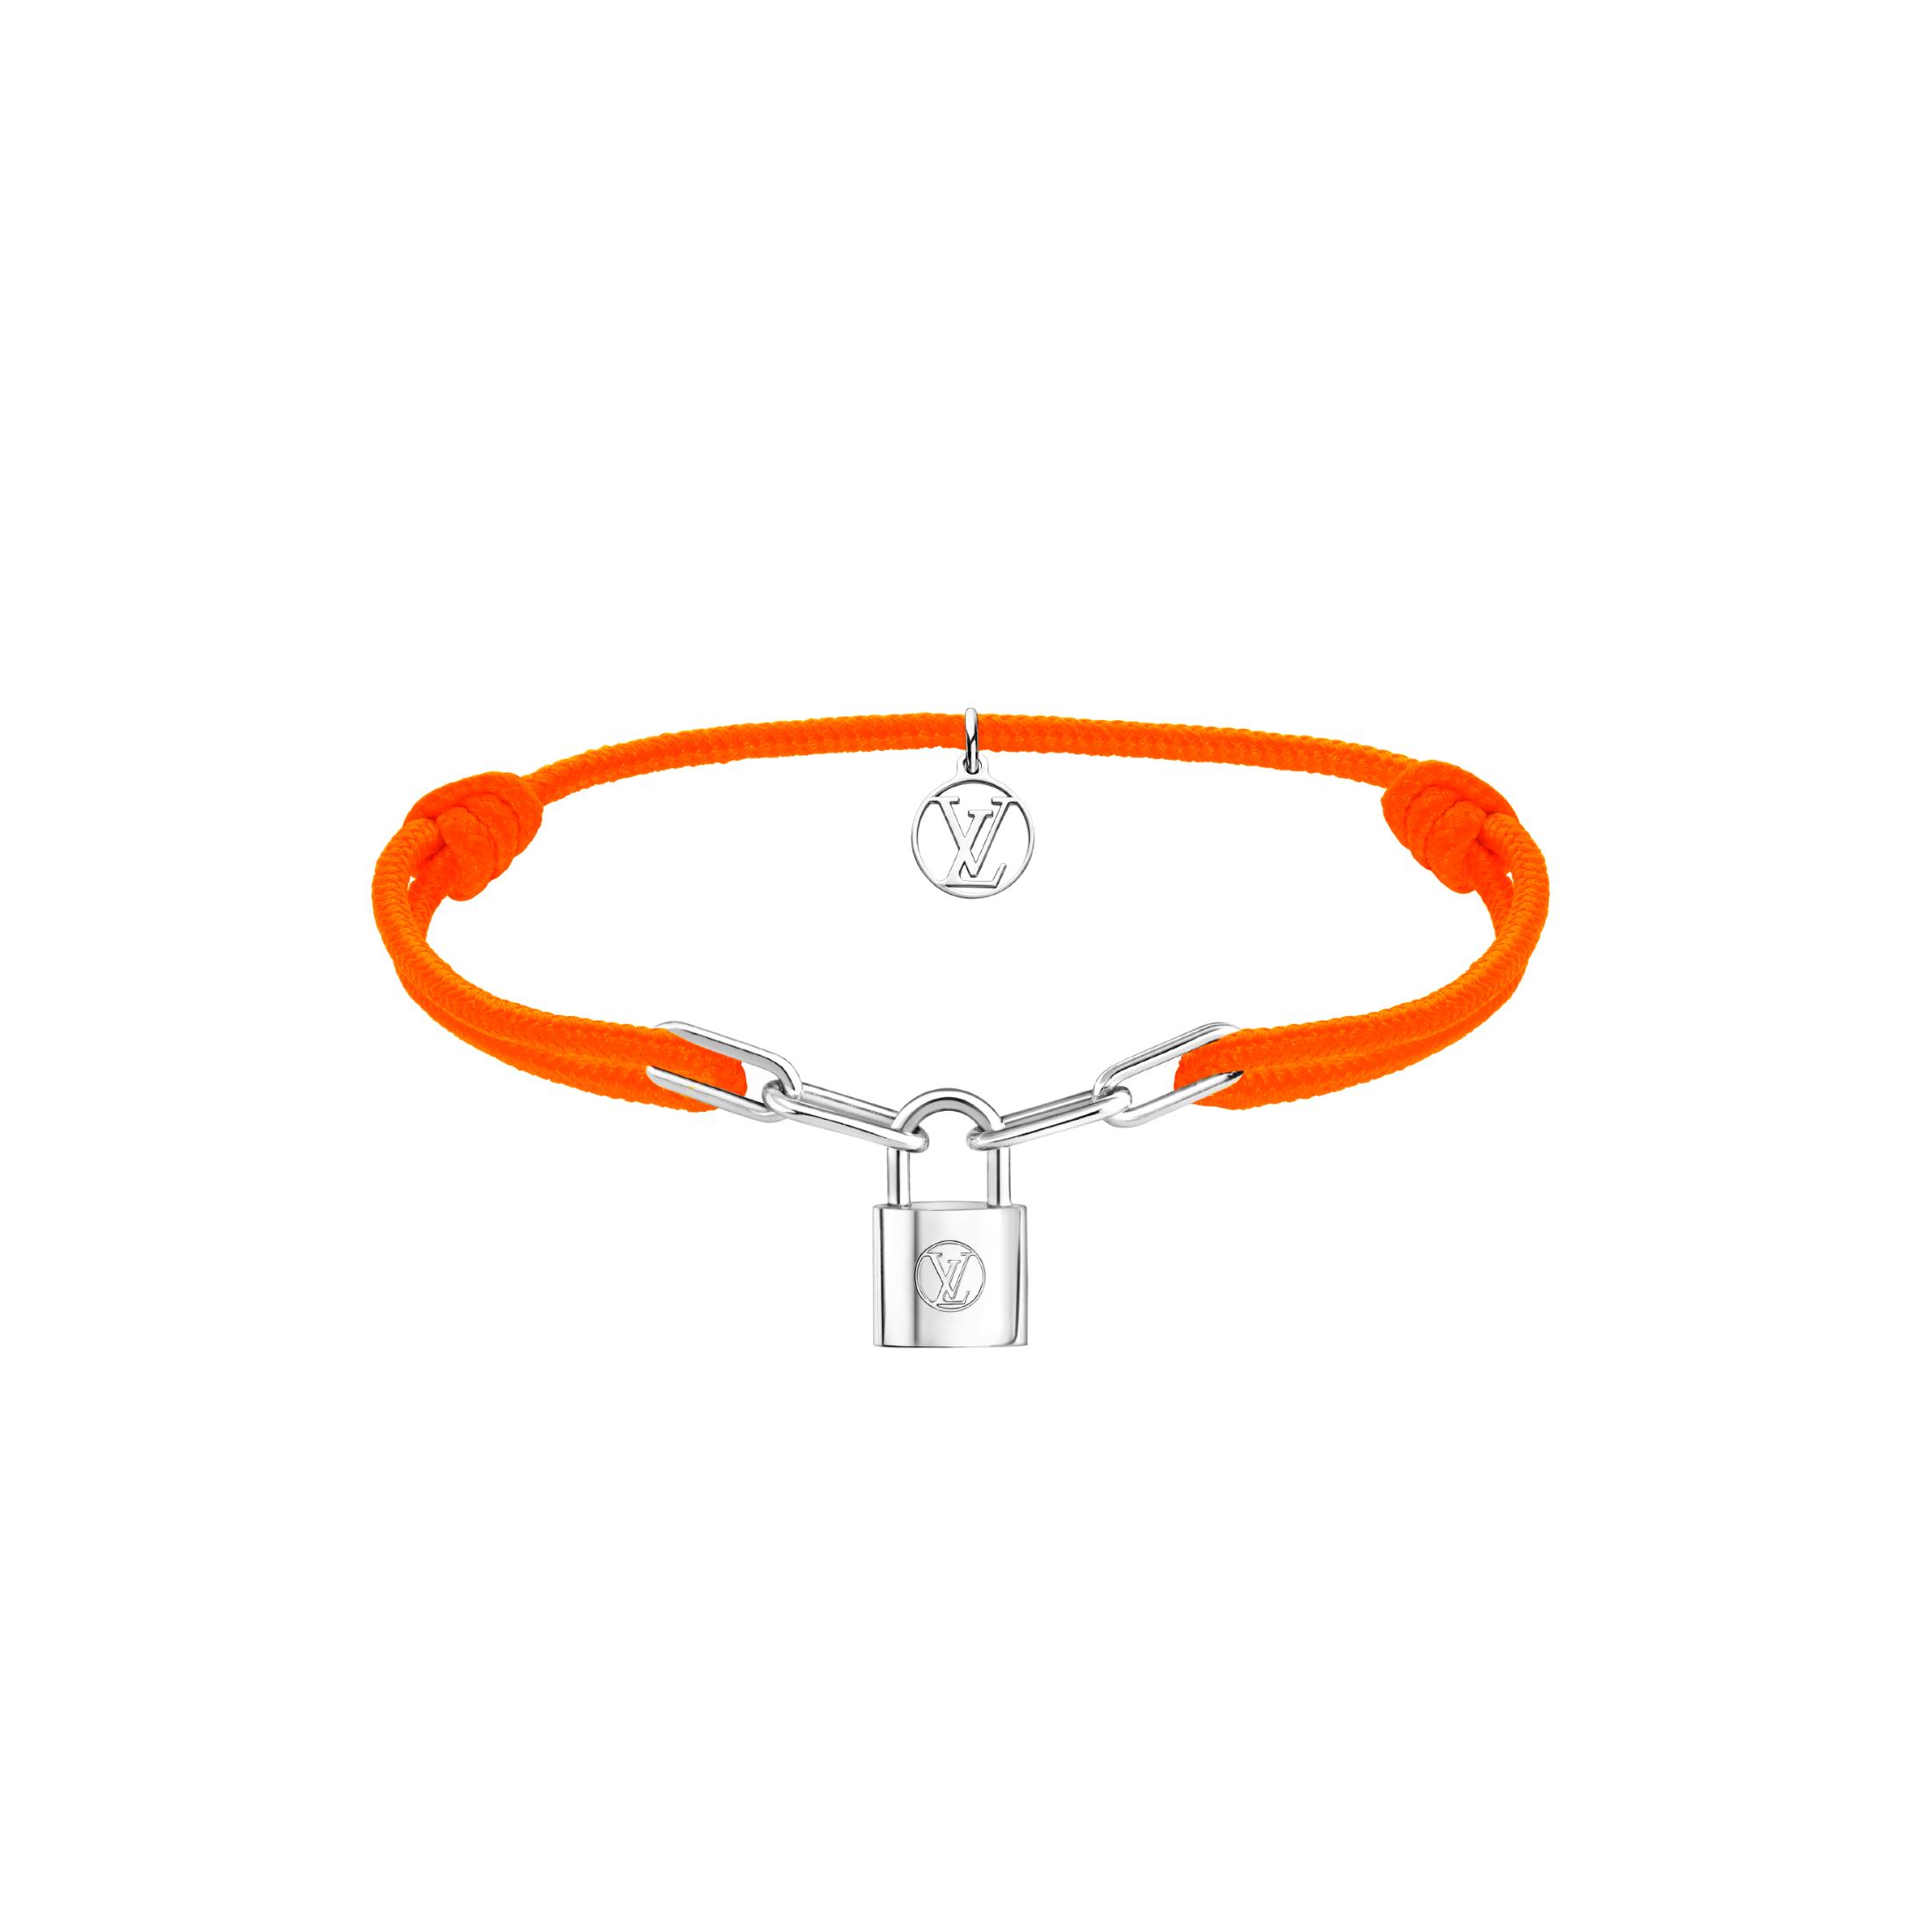 Louis Vuitton's 2020 UNICEF bracelet adds a splash of colour